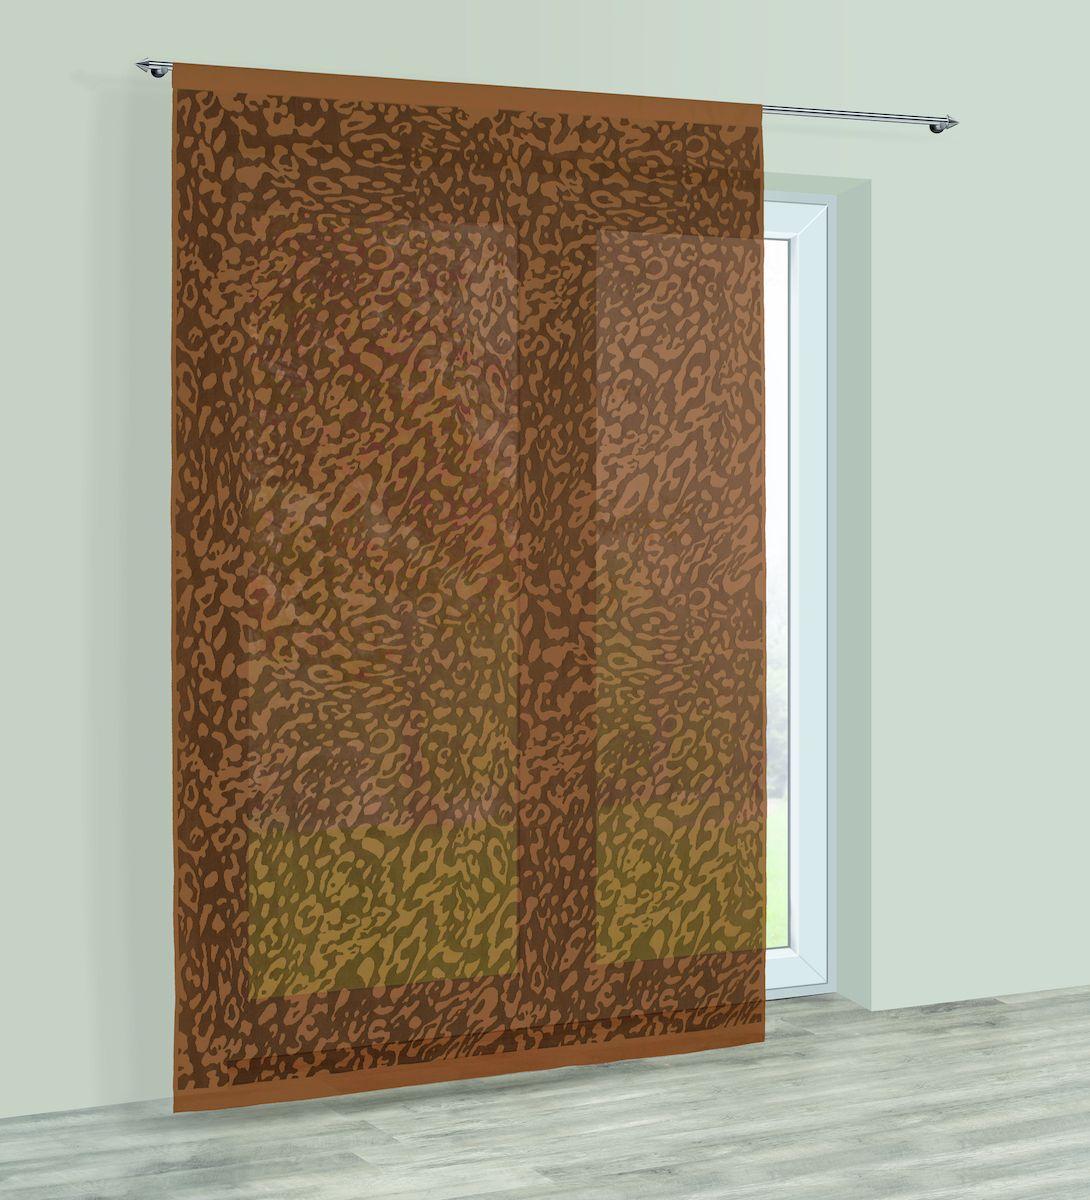 Гардина Haft, на кулиске, цвет: шоколадный, высота 250 см. 22854021520С/60Гардина Haft великолепно украсит любое окно. Изделие выполнено из полиэстера и декорировано под окрас животного.Изделие имеет оригинальный дизайн и органично впишется в интерьер помещения.Гардина крепится на карниз при помощи кулиски.